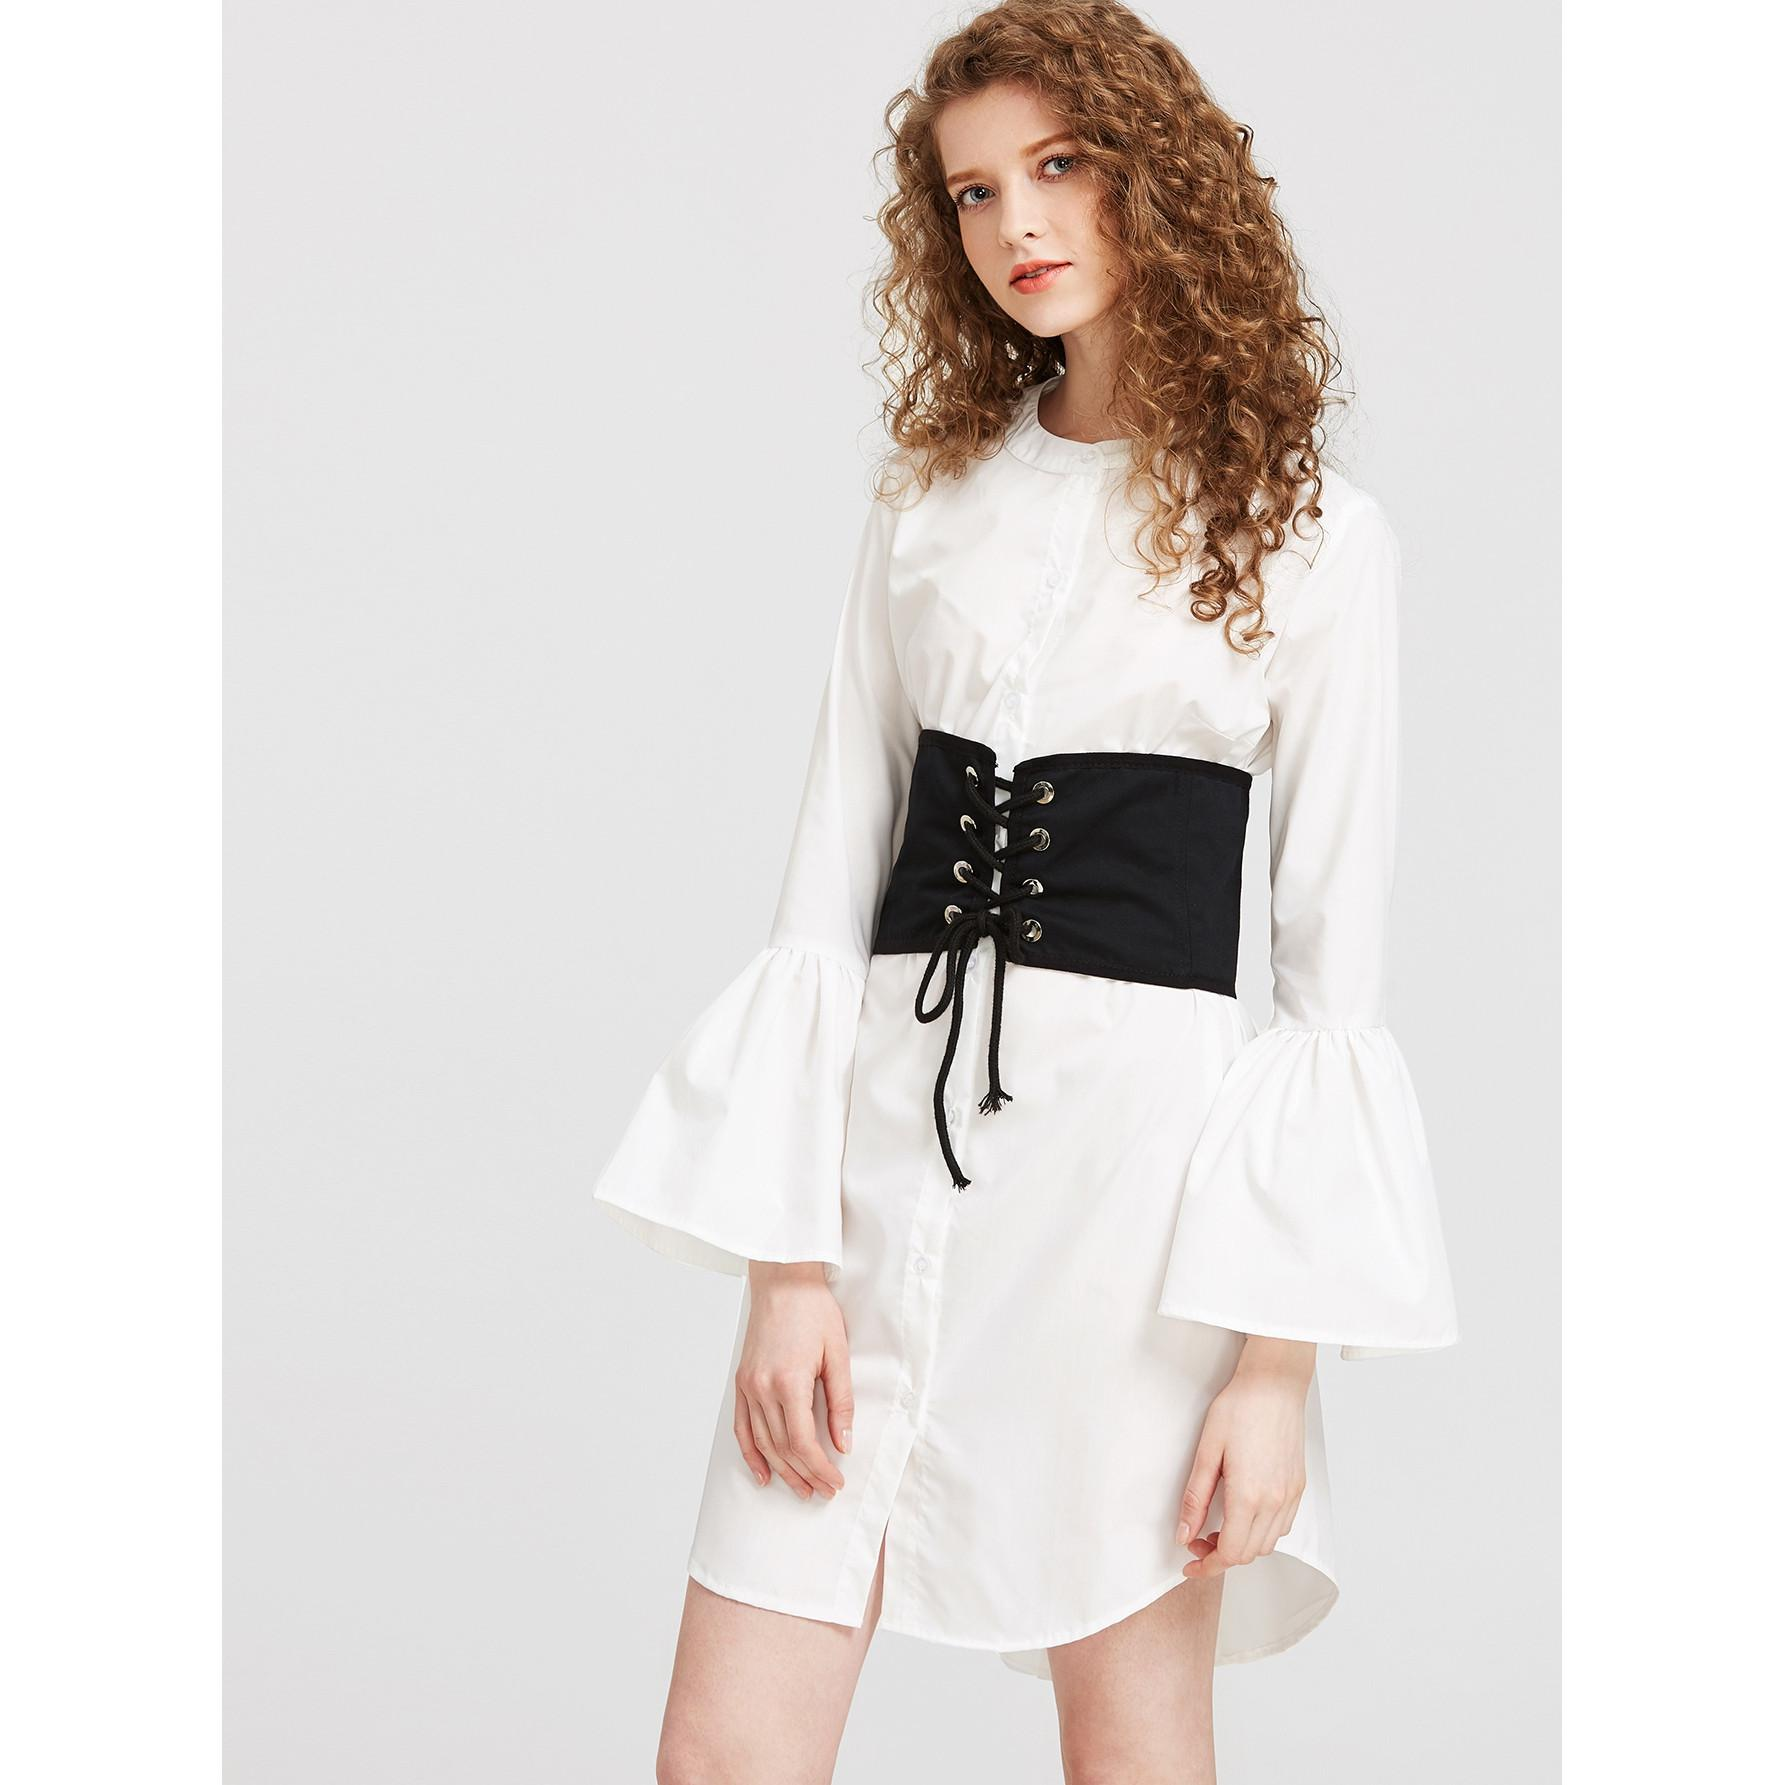 Shirt dress yang bikin penampilan jadi maksimal saat spring summer. (Image: sesamethestylestudio.com)